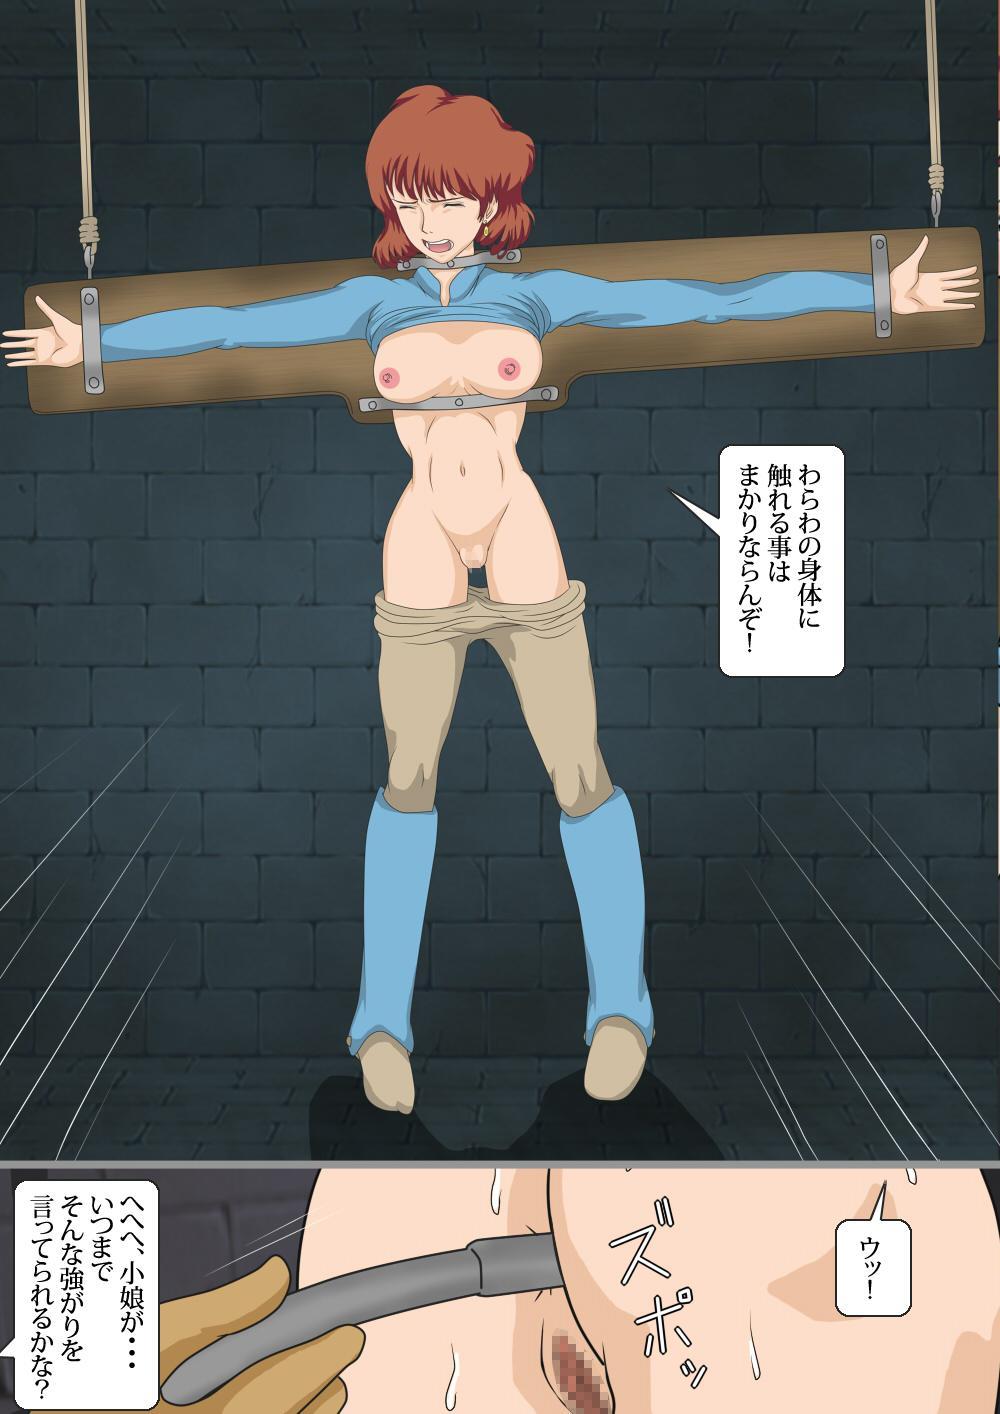 Kaze no Tani no Chikarou 8